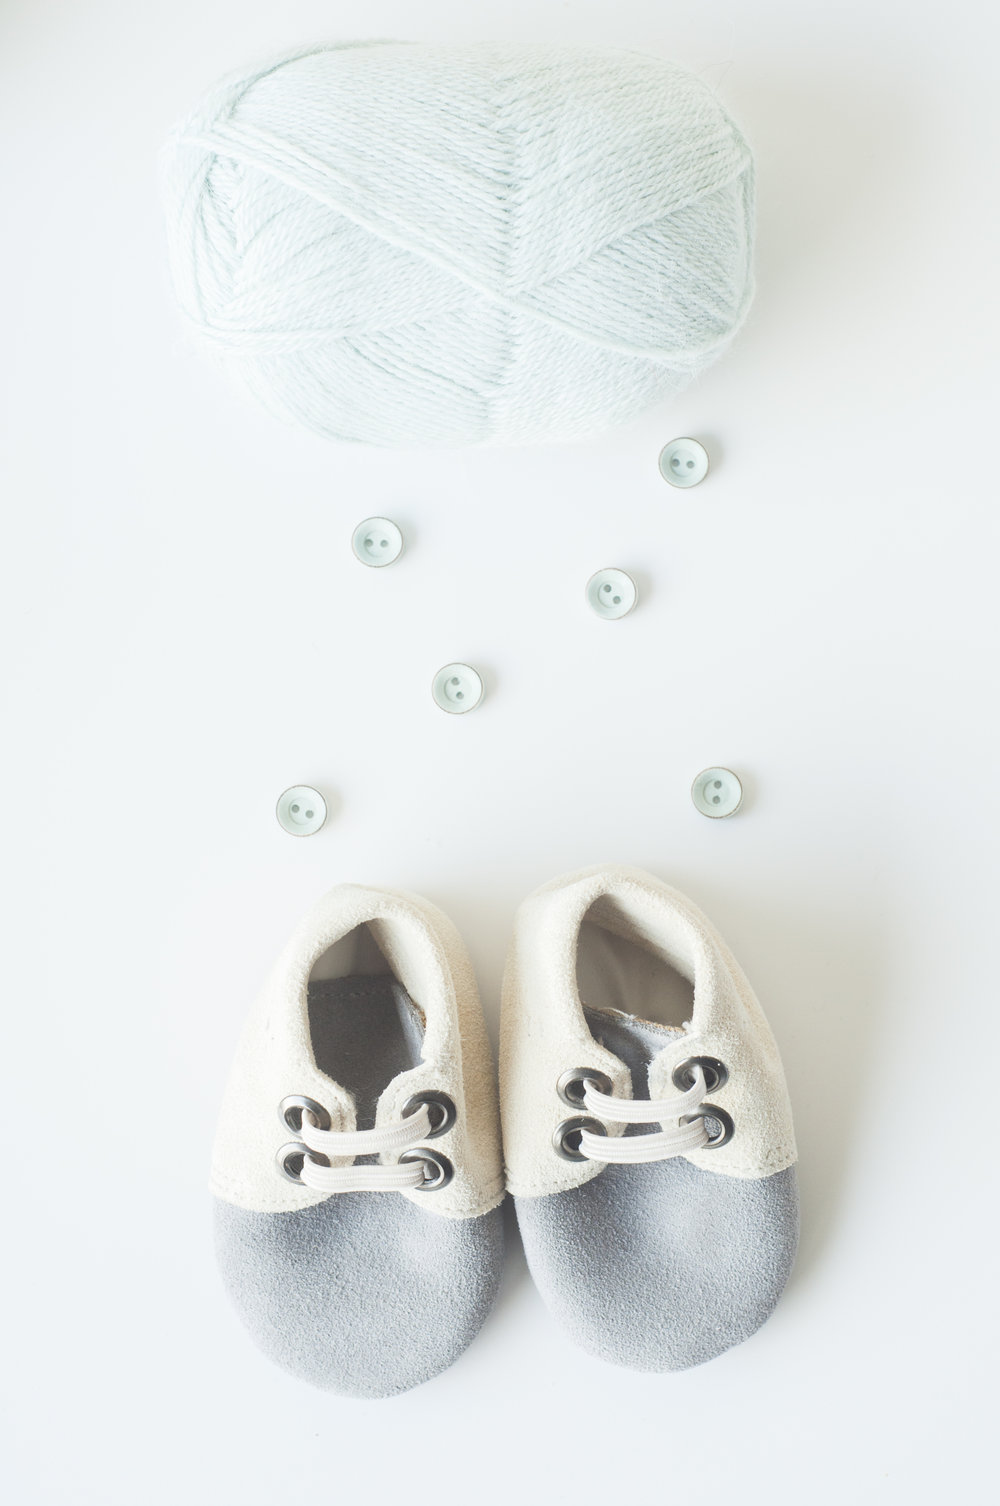 Garn - knapper - sko. Inspirer til bruk - Det er jo nesten er ferdig antrekk? Med sarte farger som harmonerer overdøver ikke tilbehøret produktet og skaper en helhet.